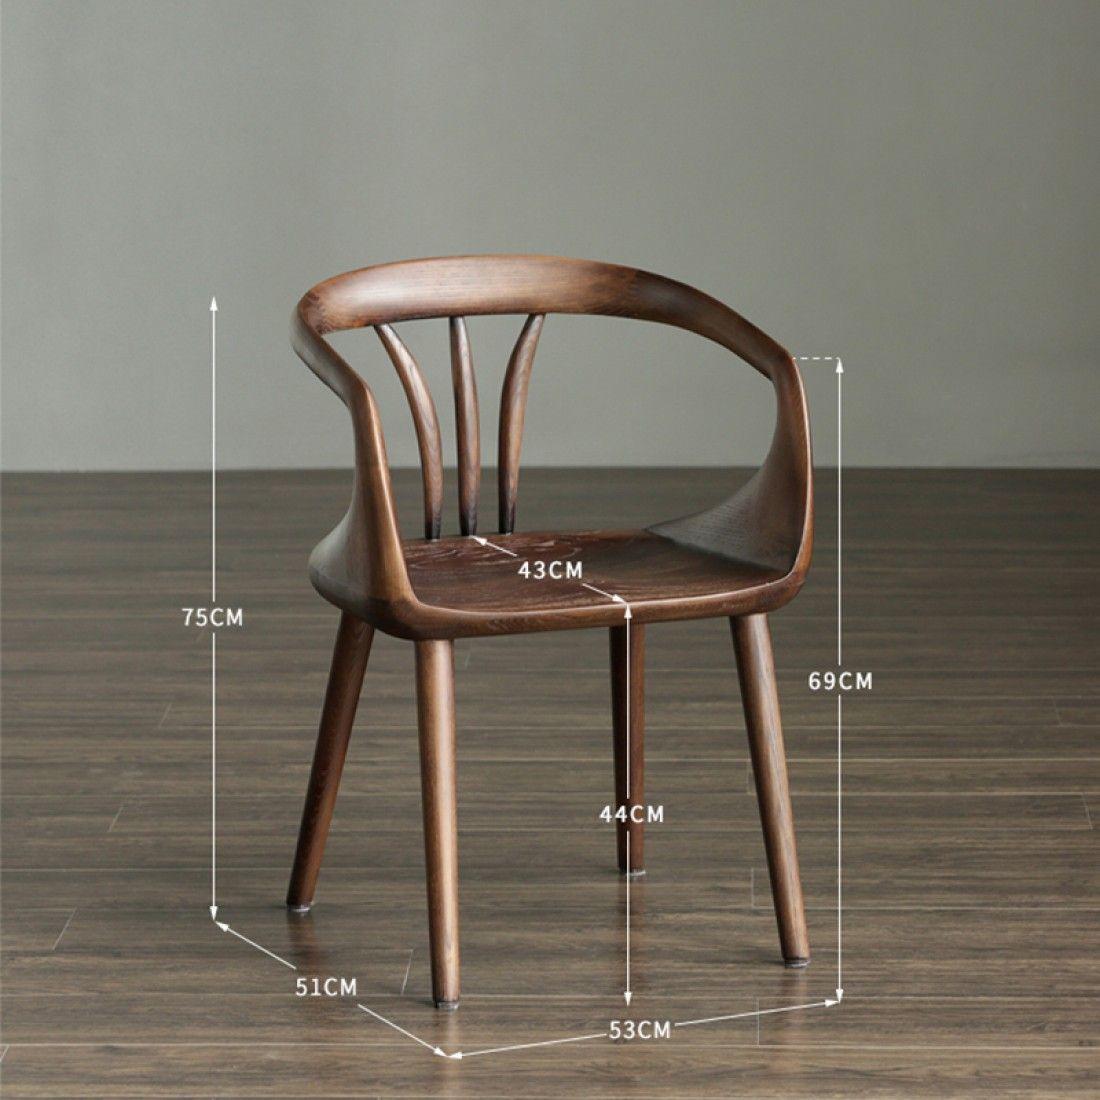 Premium Handmade Wooden Arm Chair Wooden Armchair Chair Design Wooden Restoration Hardware Dining Chairs